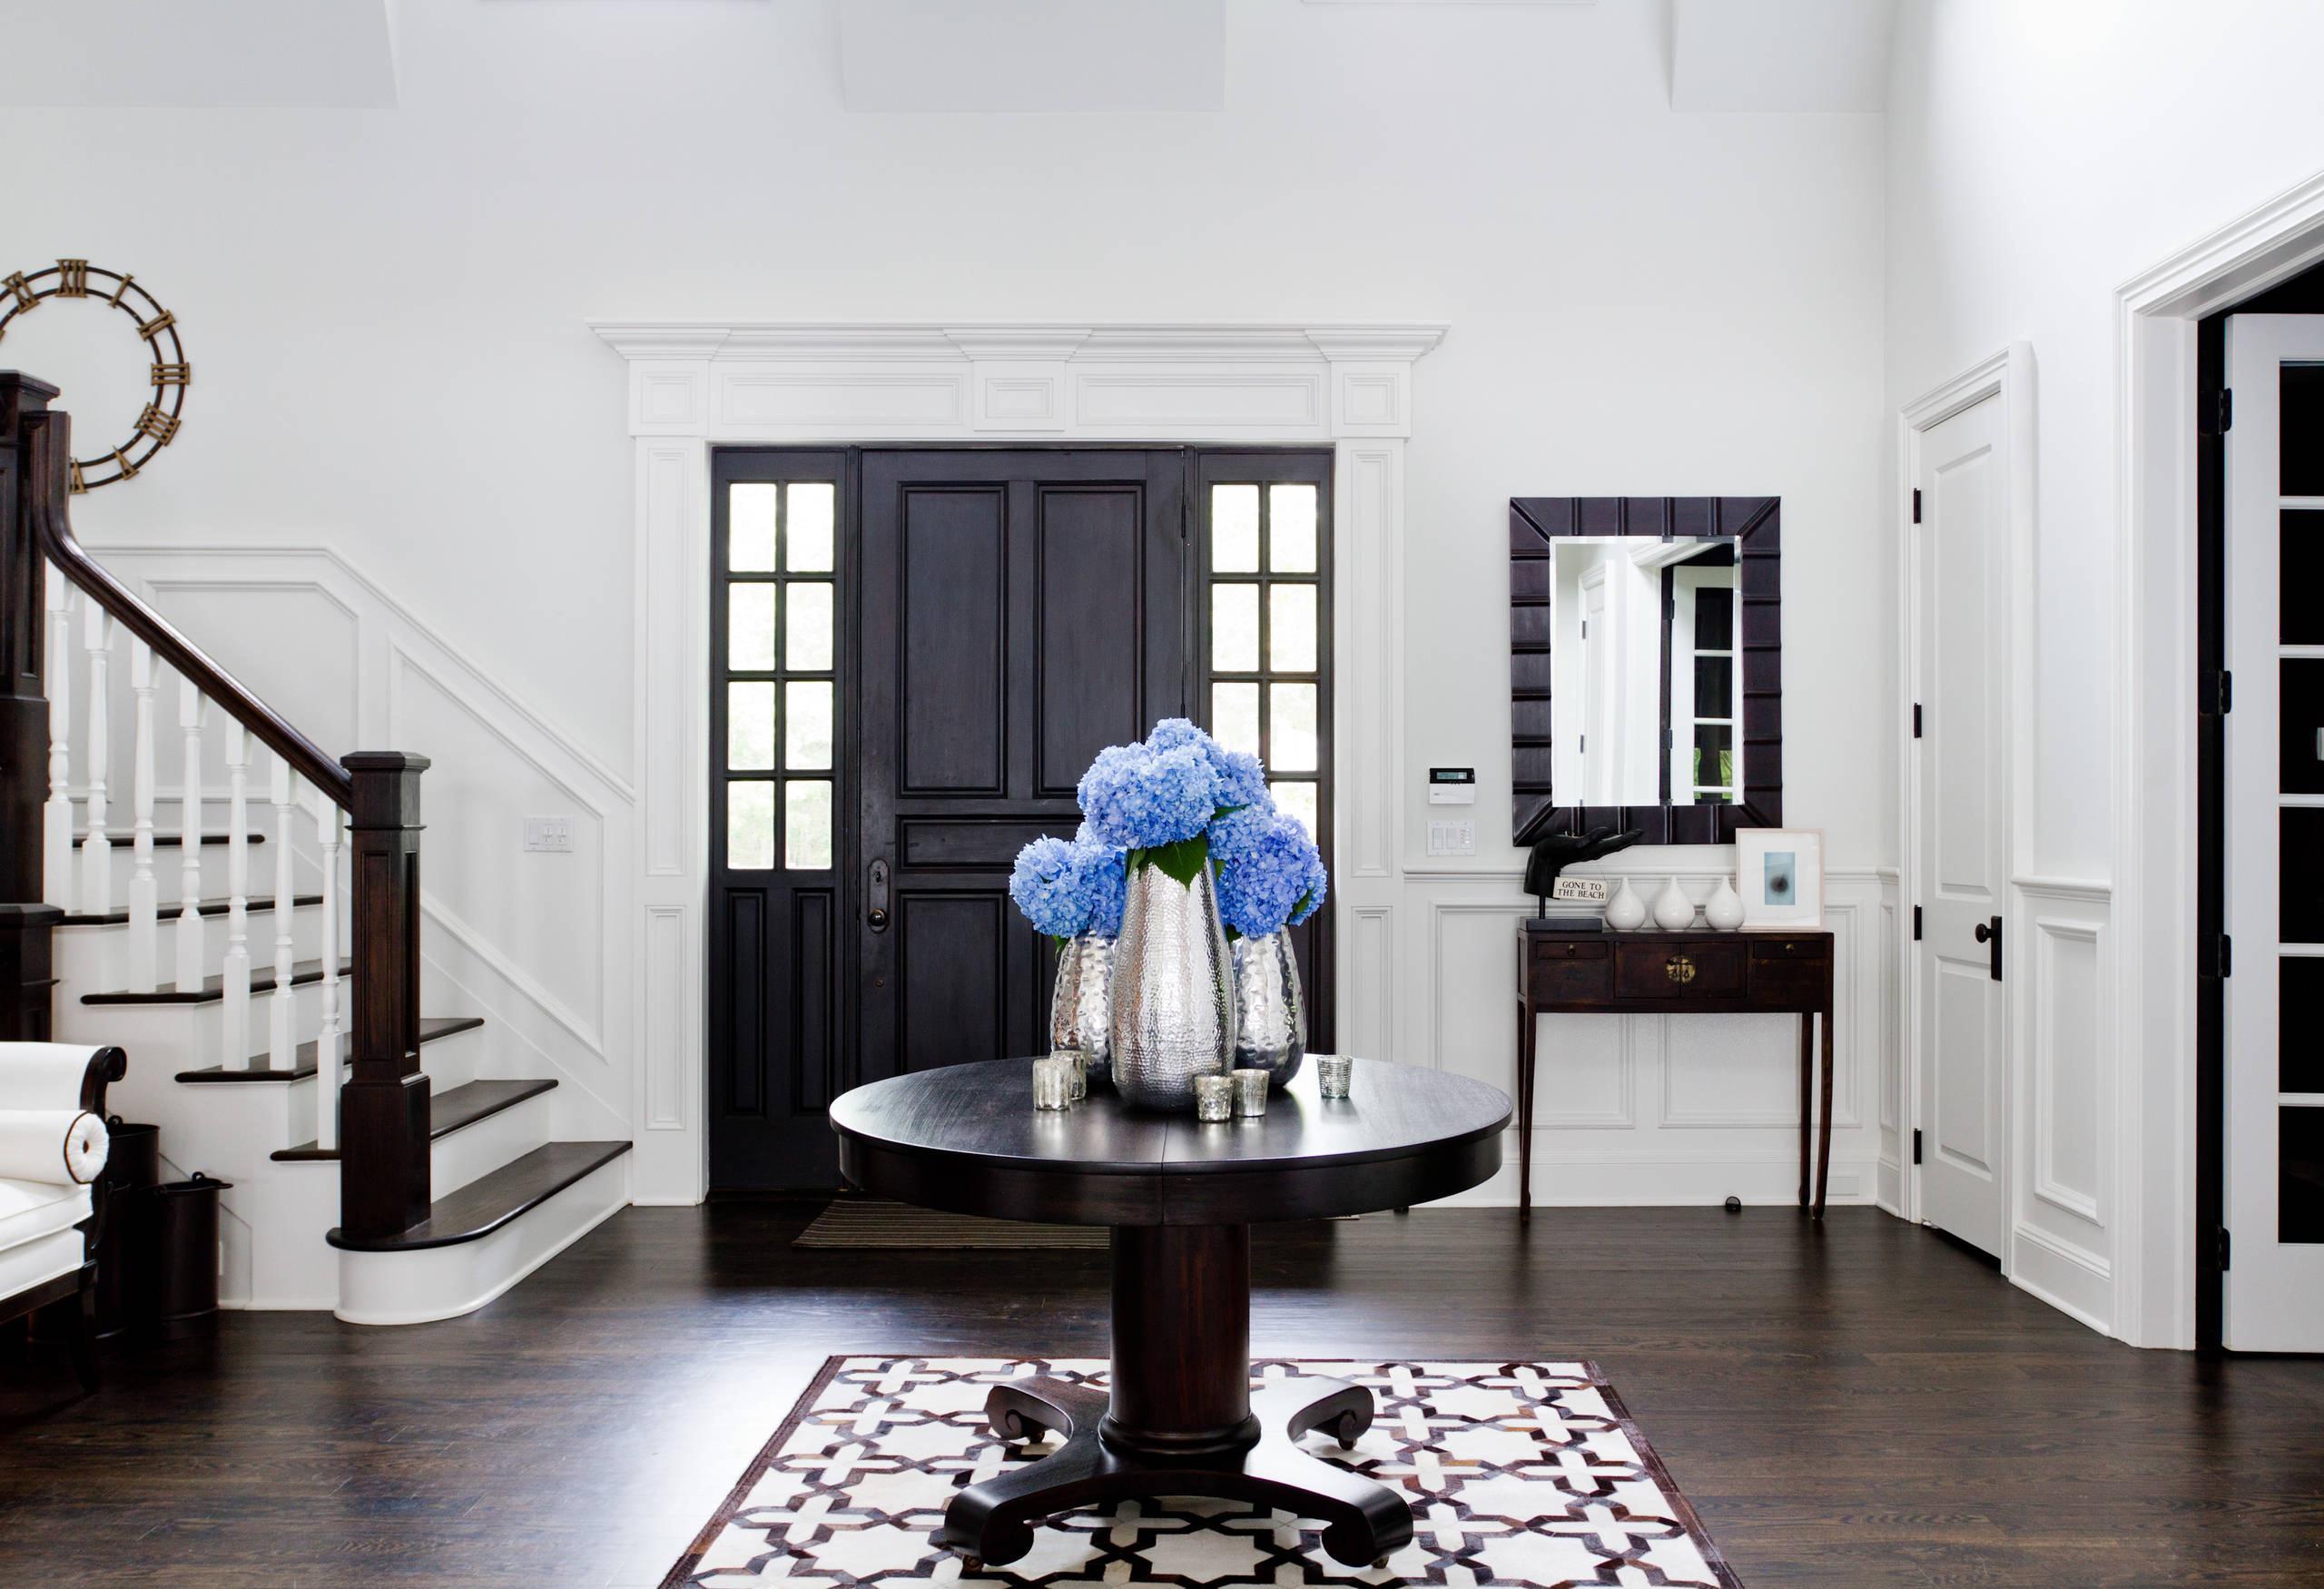 couloir-avec-une-grande-table-photo-01